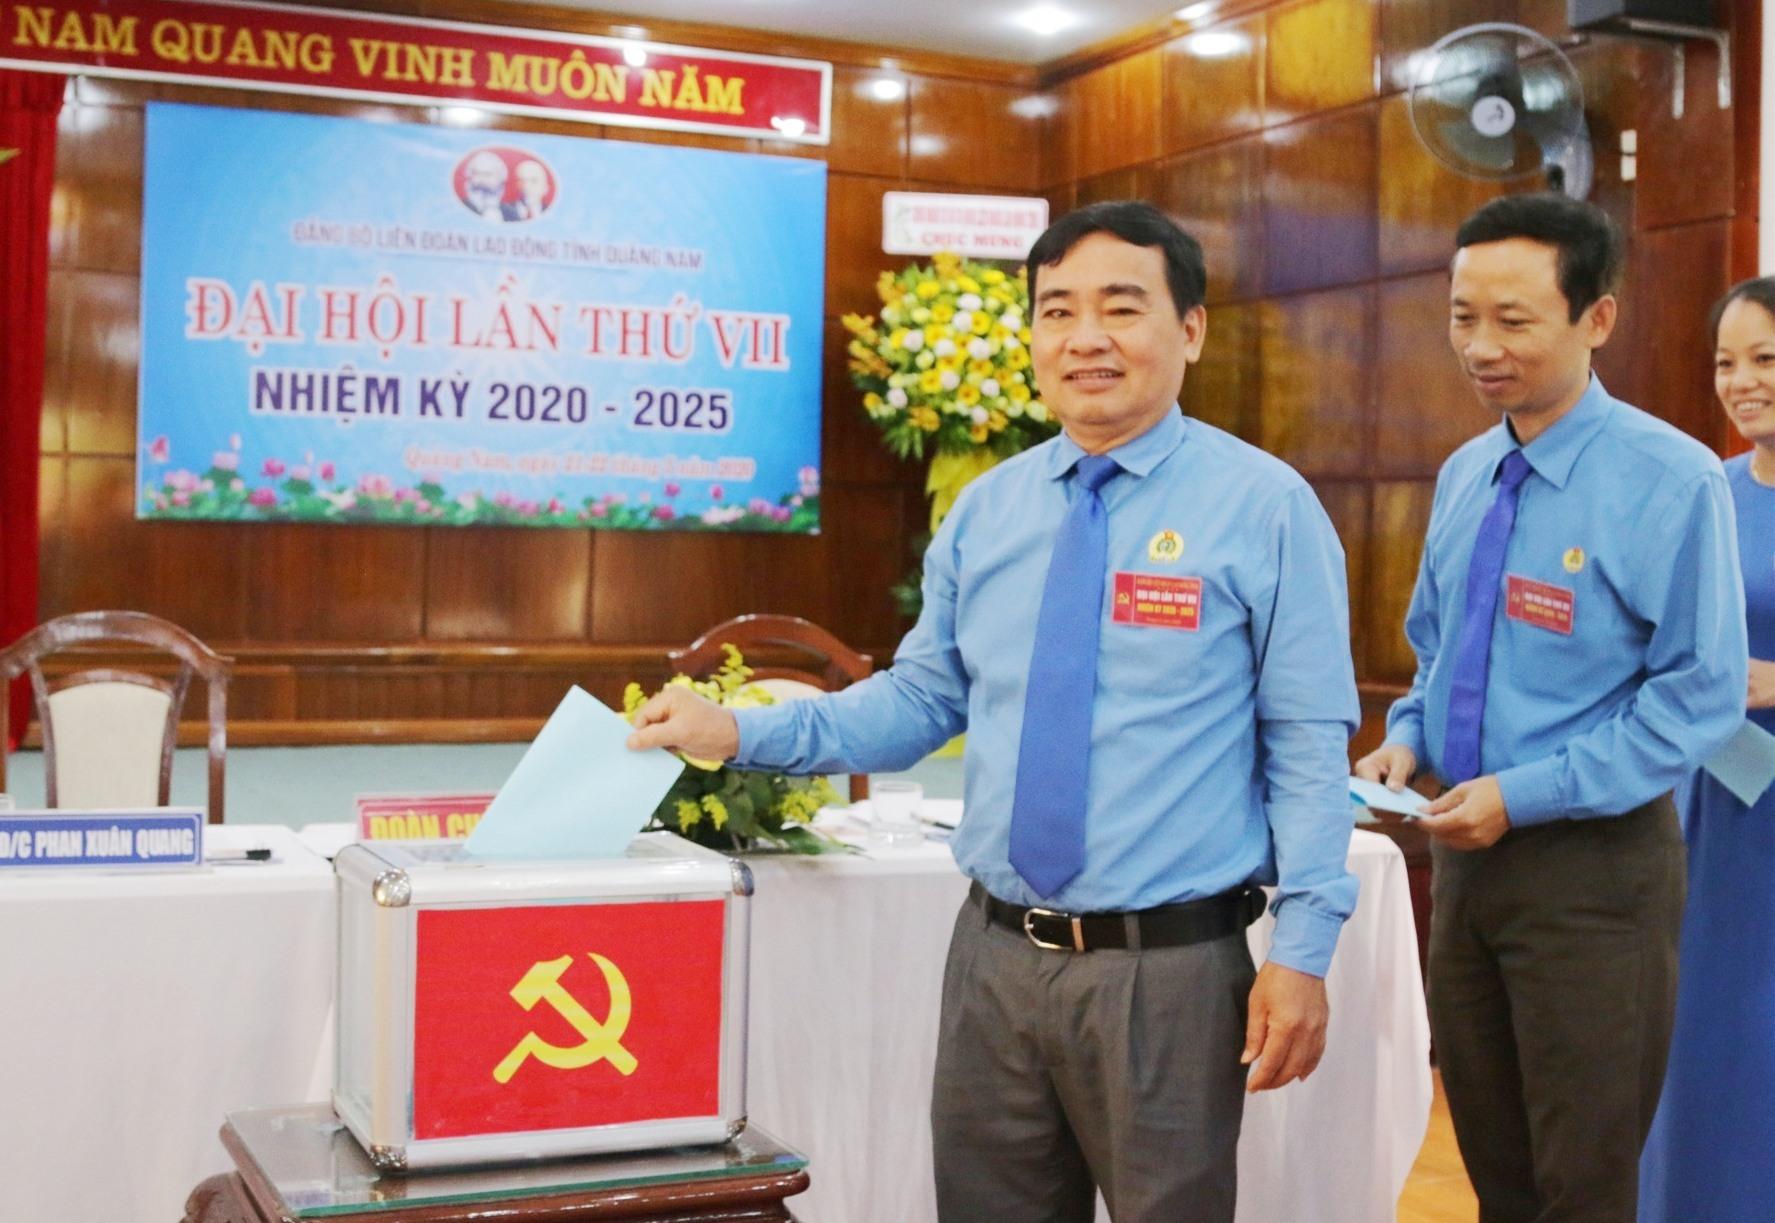 Đại biểu bỏ phiếu bầu Ban chấp hành Đảng bộ nhiệm kỳ mới. Ảnh: D.L